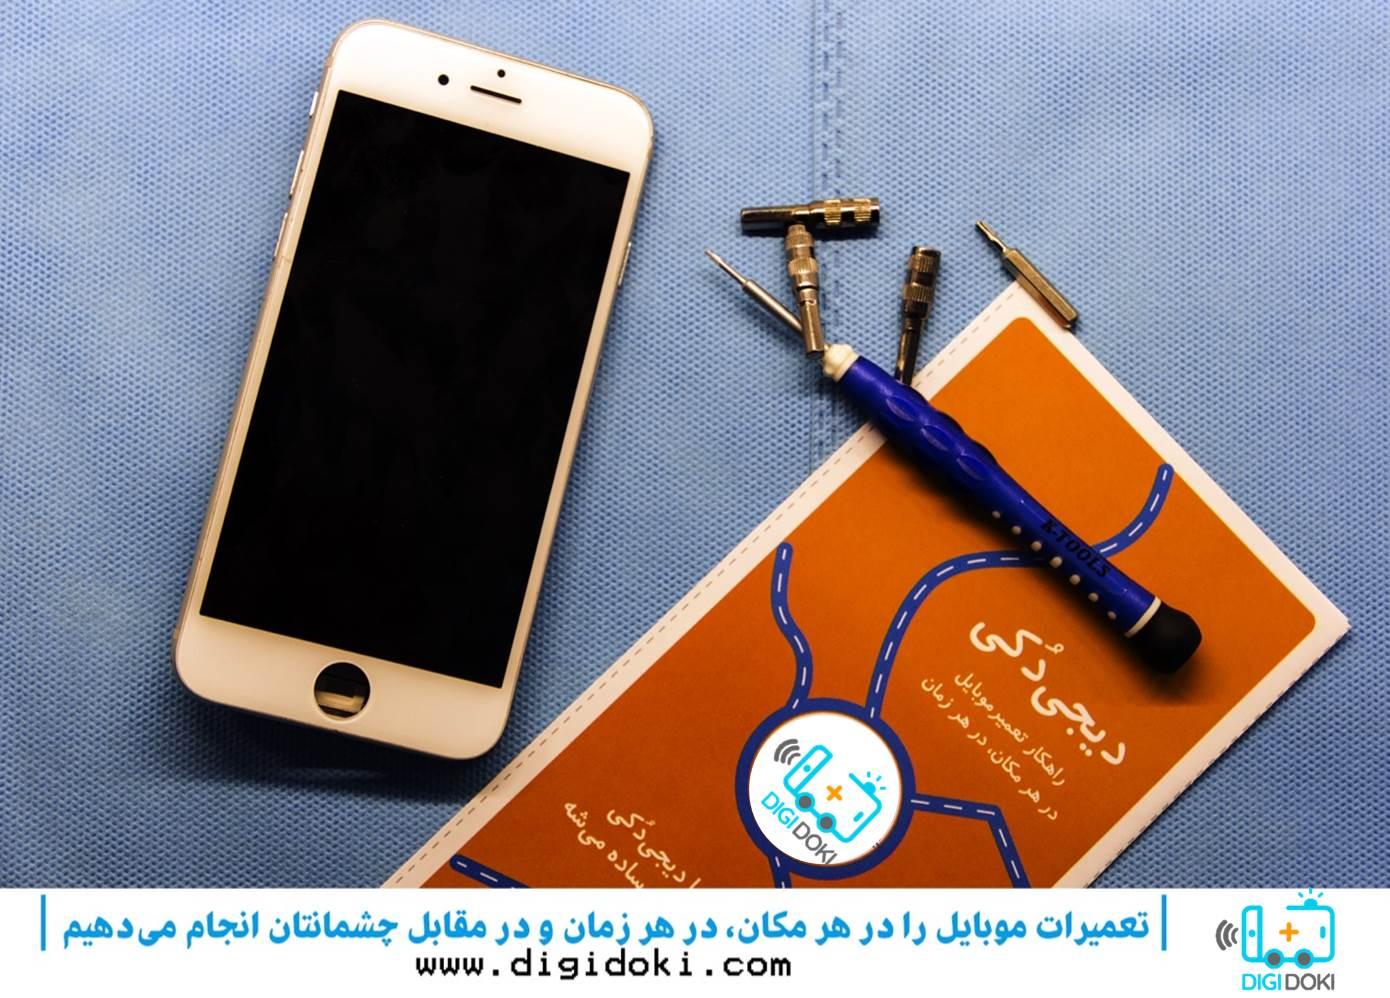 درخواست تعمیر موبایل دیجی دکی